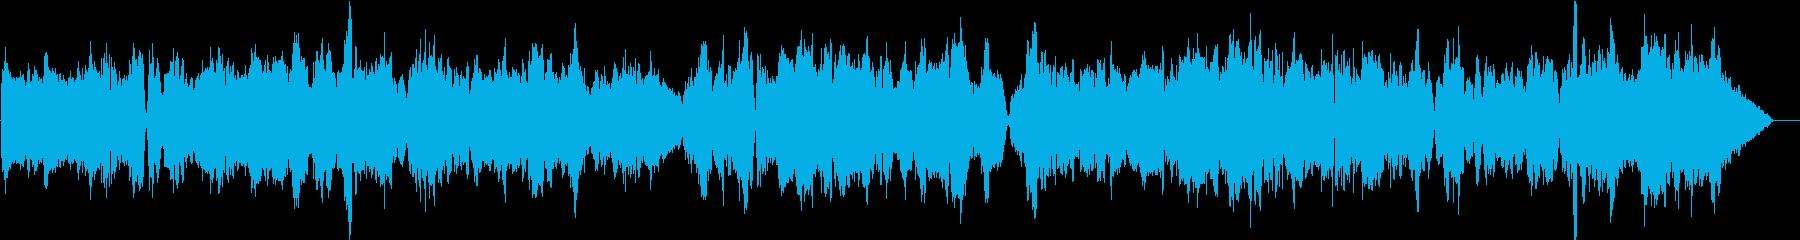 教会に響き渡るバイオリン独奏曲7の再生済みの波形